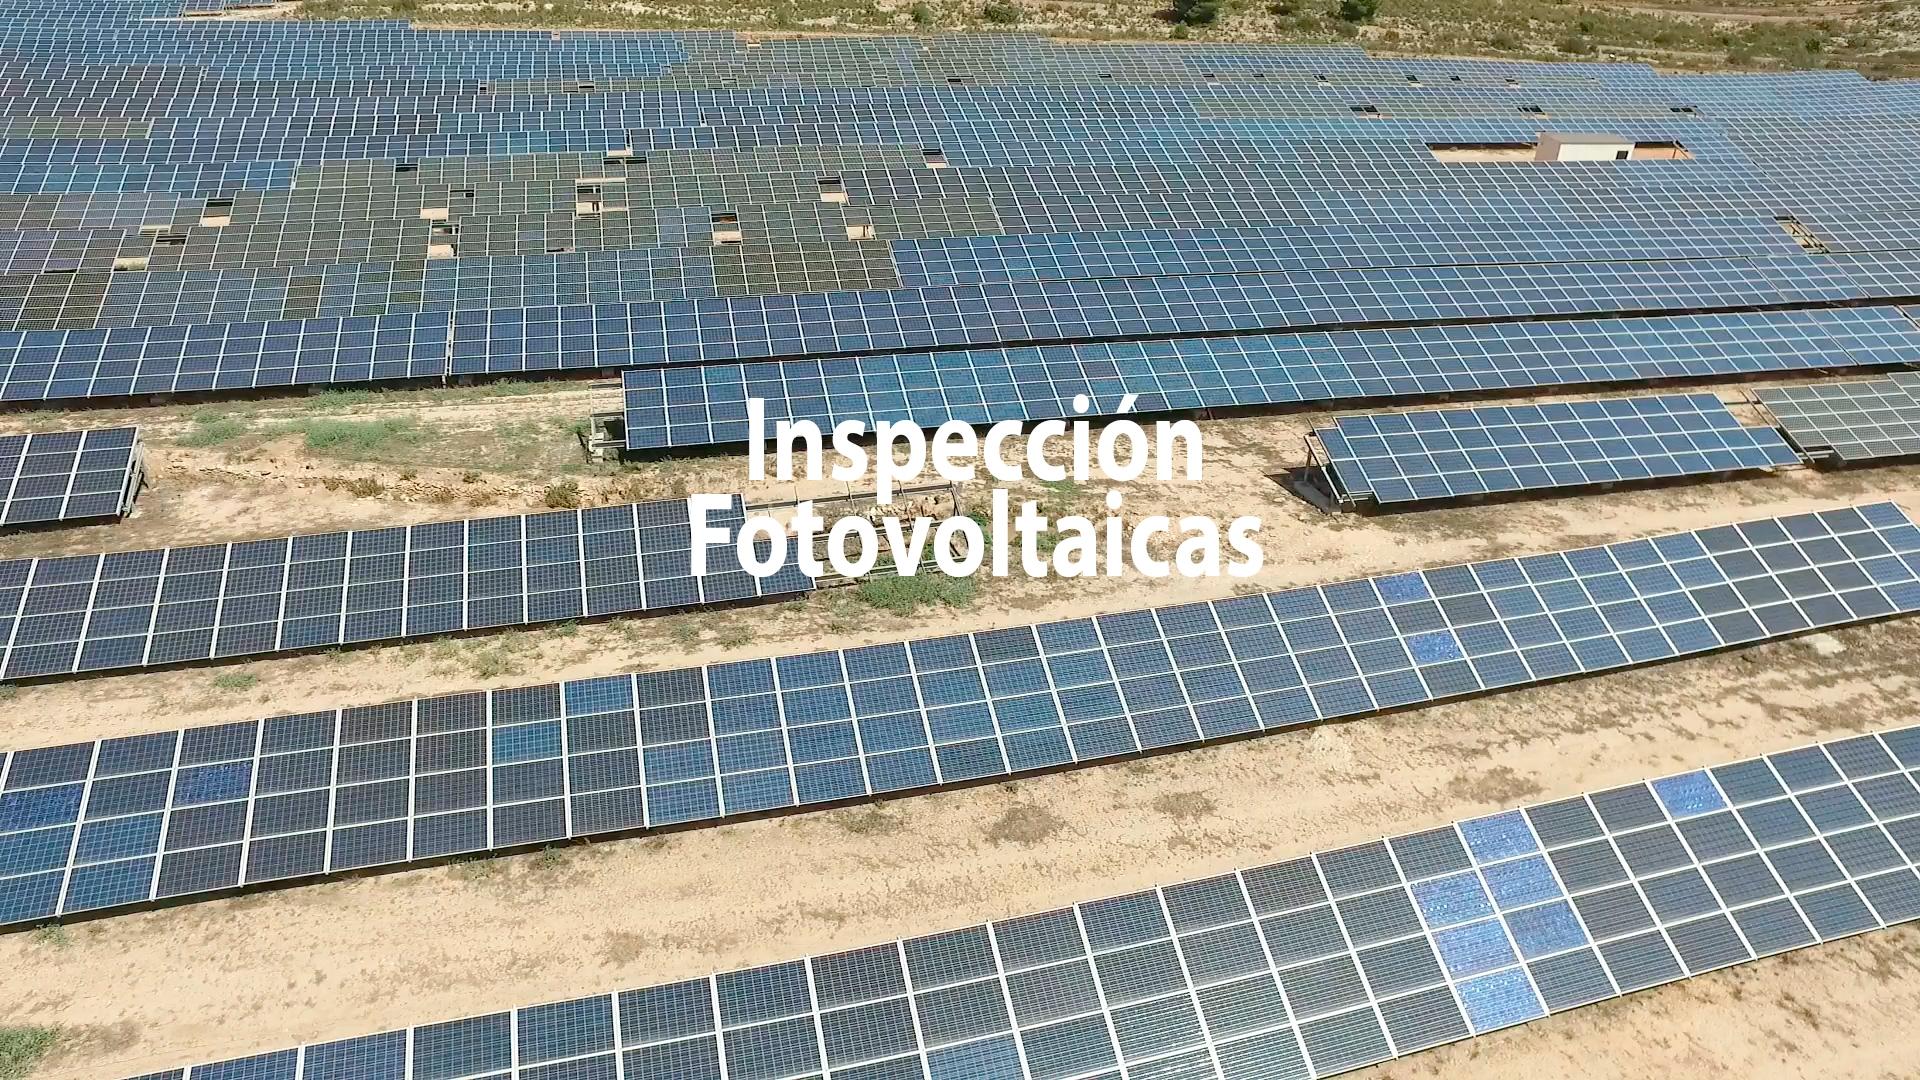 inspeccion-fotovoltaica-TSACENTER-